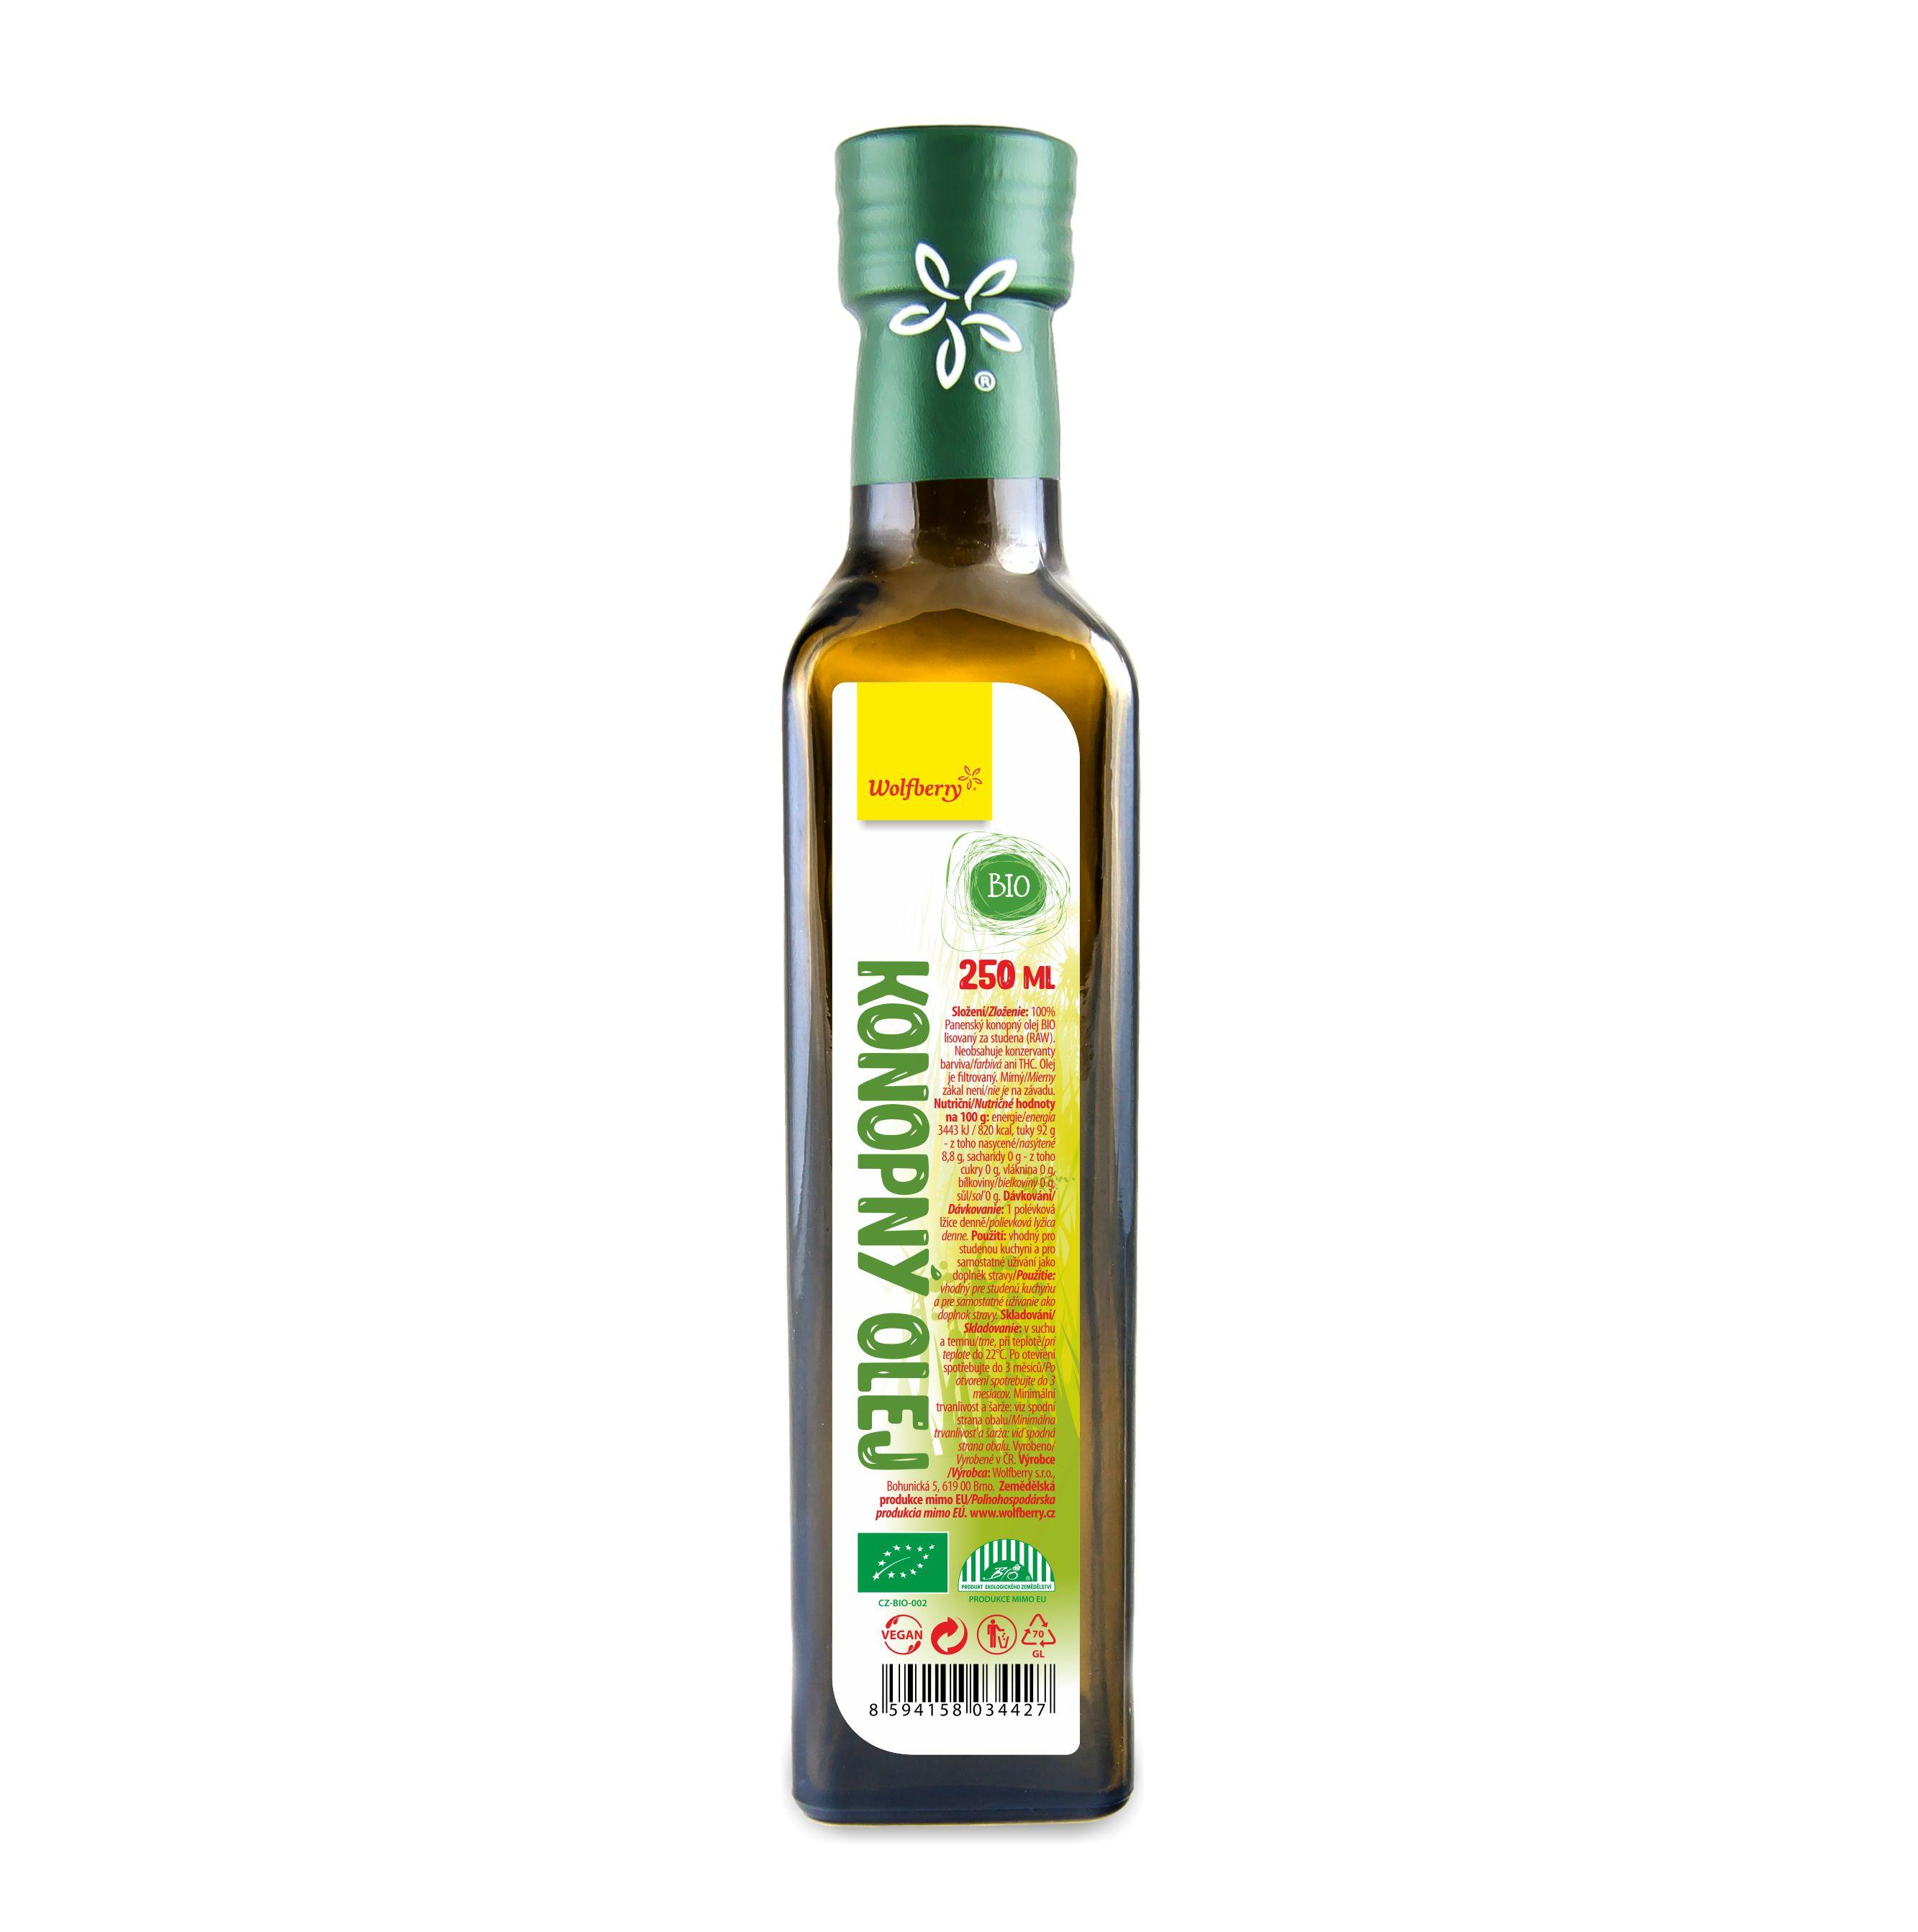 Wolfberry Konopný olej BIO 250 ml Wolfberry * 250ml